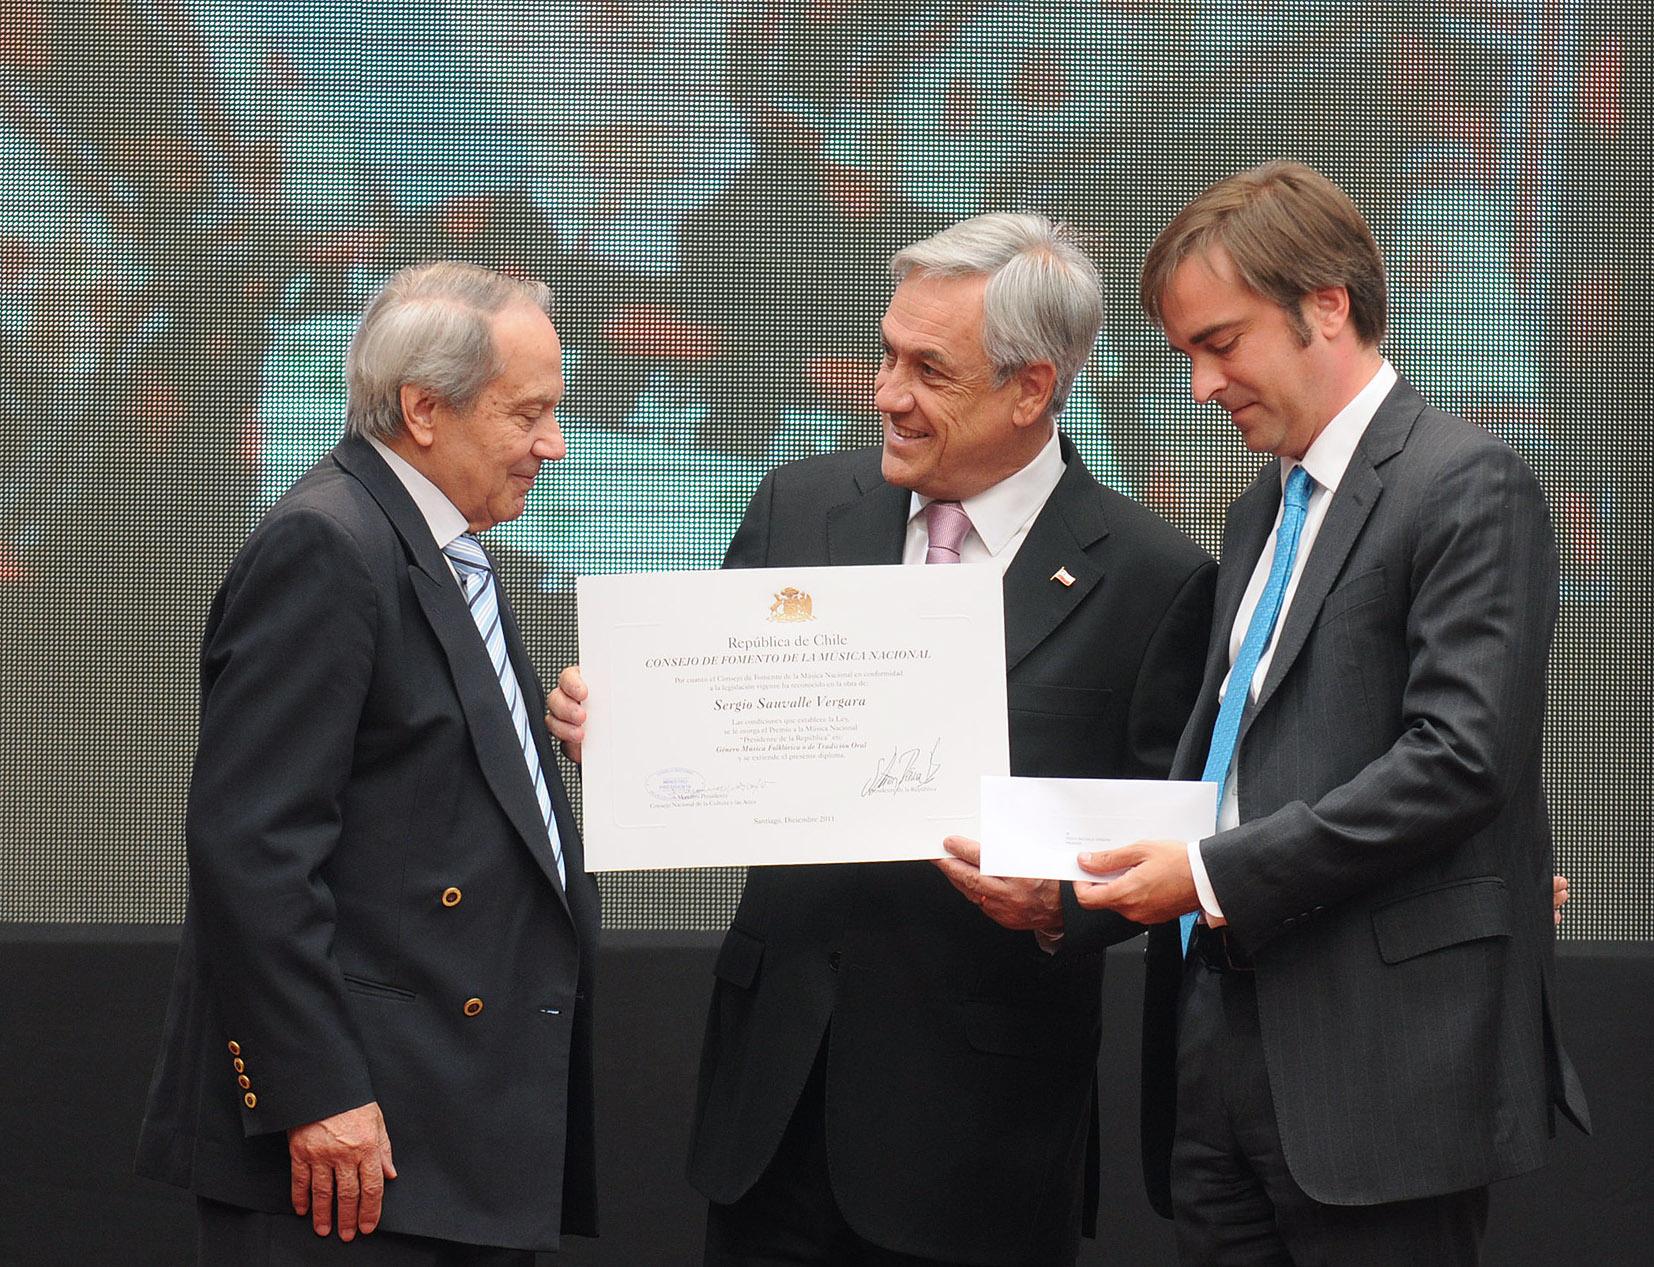 Sauvalle recibiendo el Premio a la Música Nacional Presidente de la República de manos del presidente Sebastián Piñera.